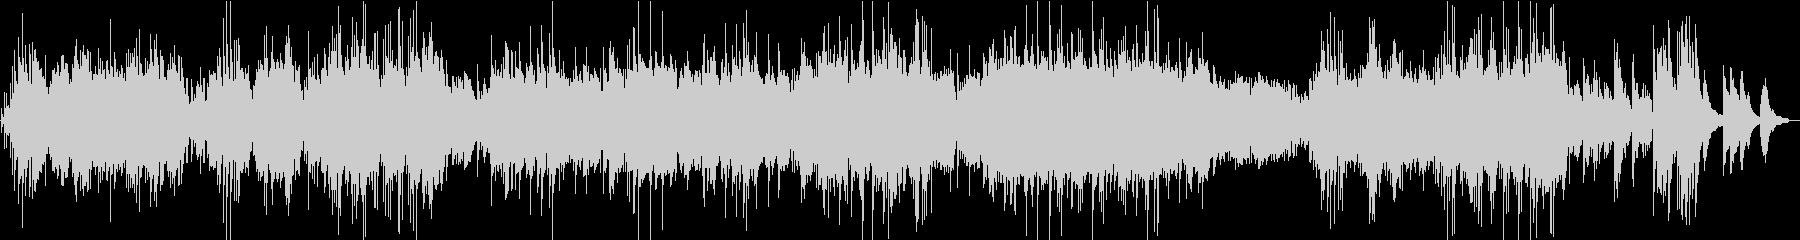 ノクターン第一番作品9-1・アコギの未再生の波形